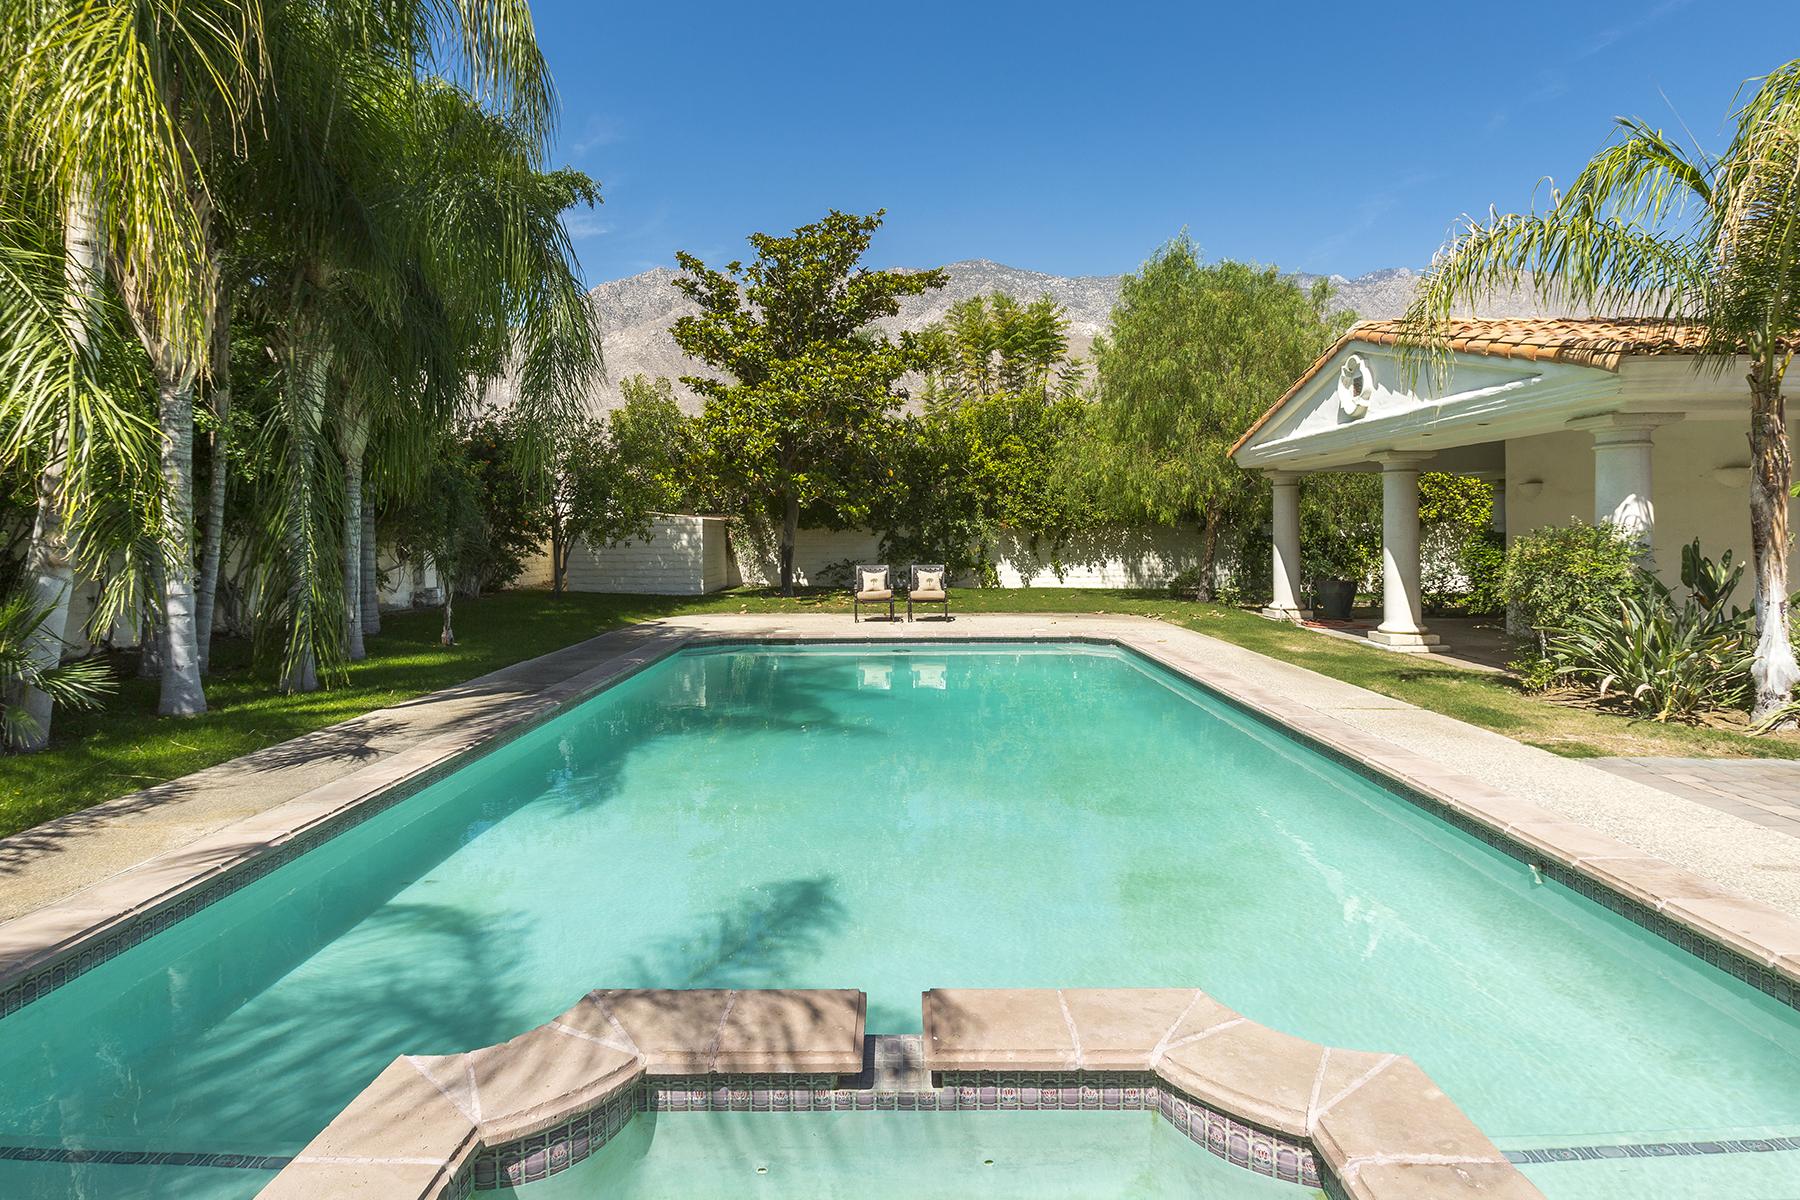 단독 가정 주택 용 매매 에 64415 Via Risso Palm Springs, 캘리포니아, 92264 미국